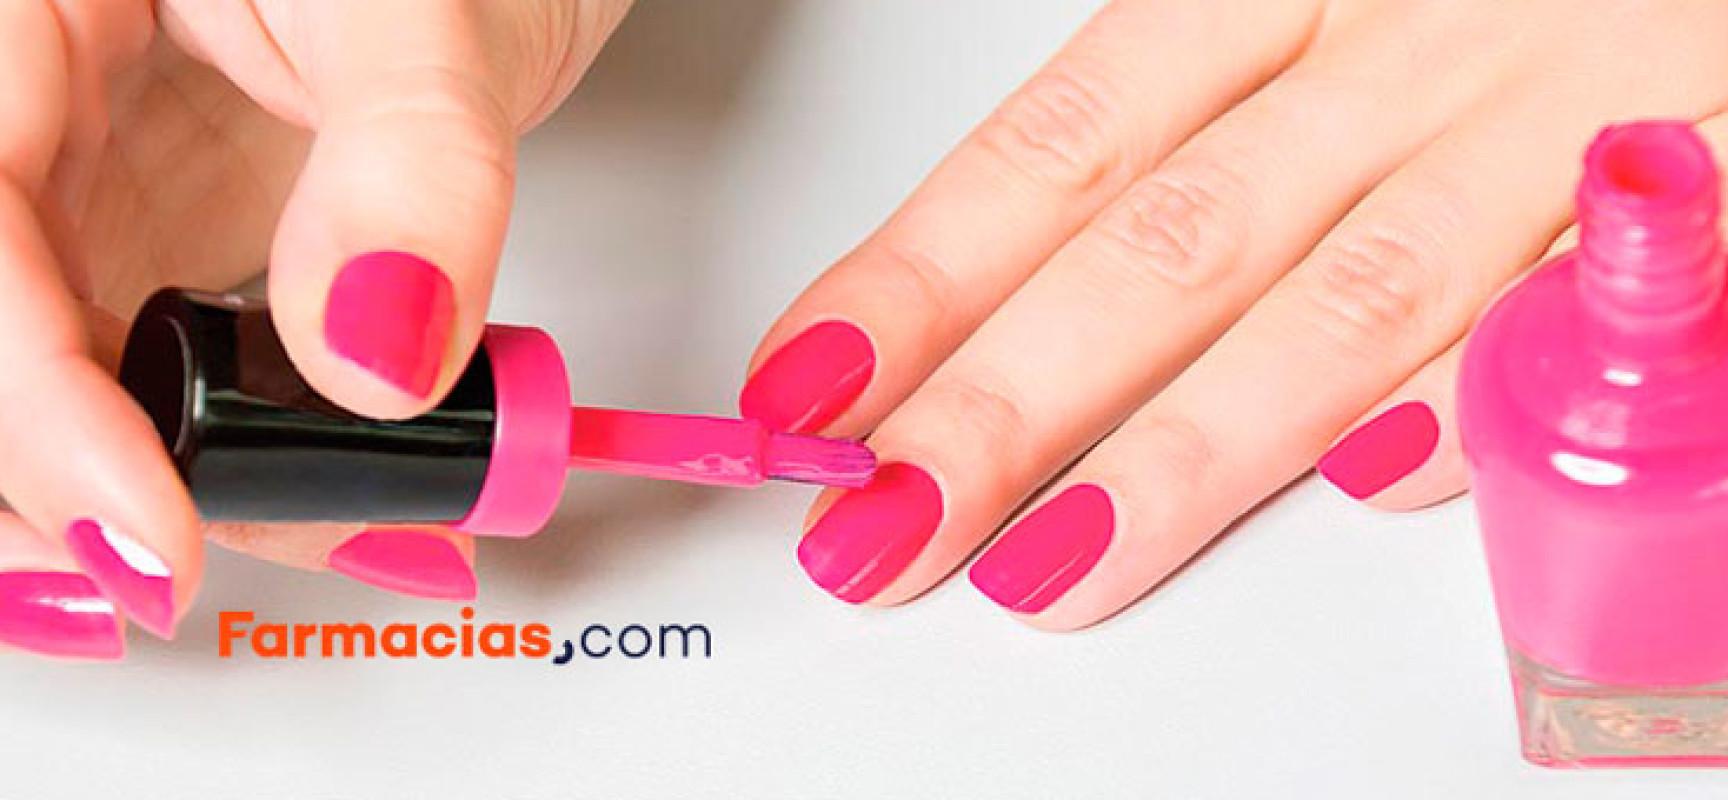 Pintarse las uñas… ¿perjudica la salud?